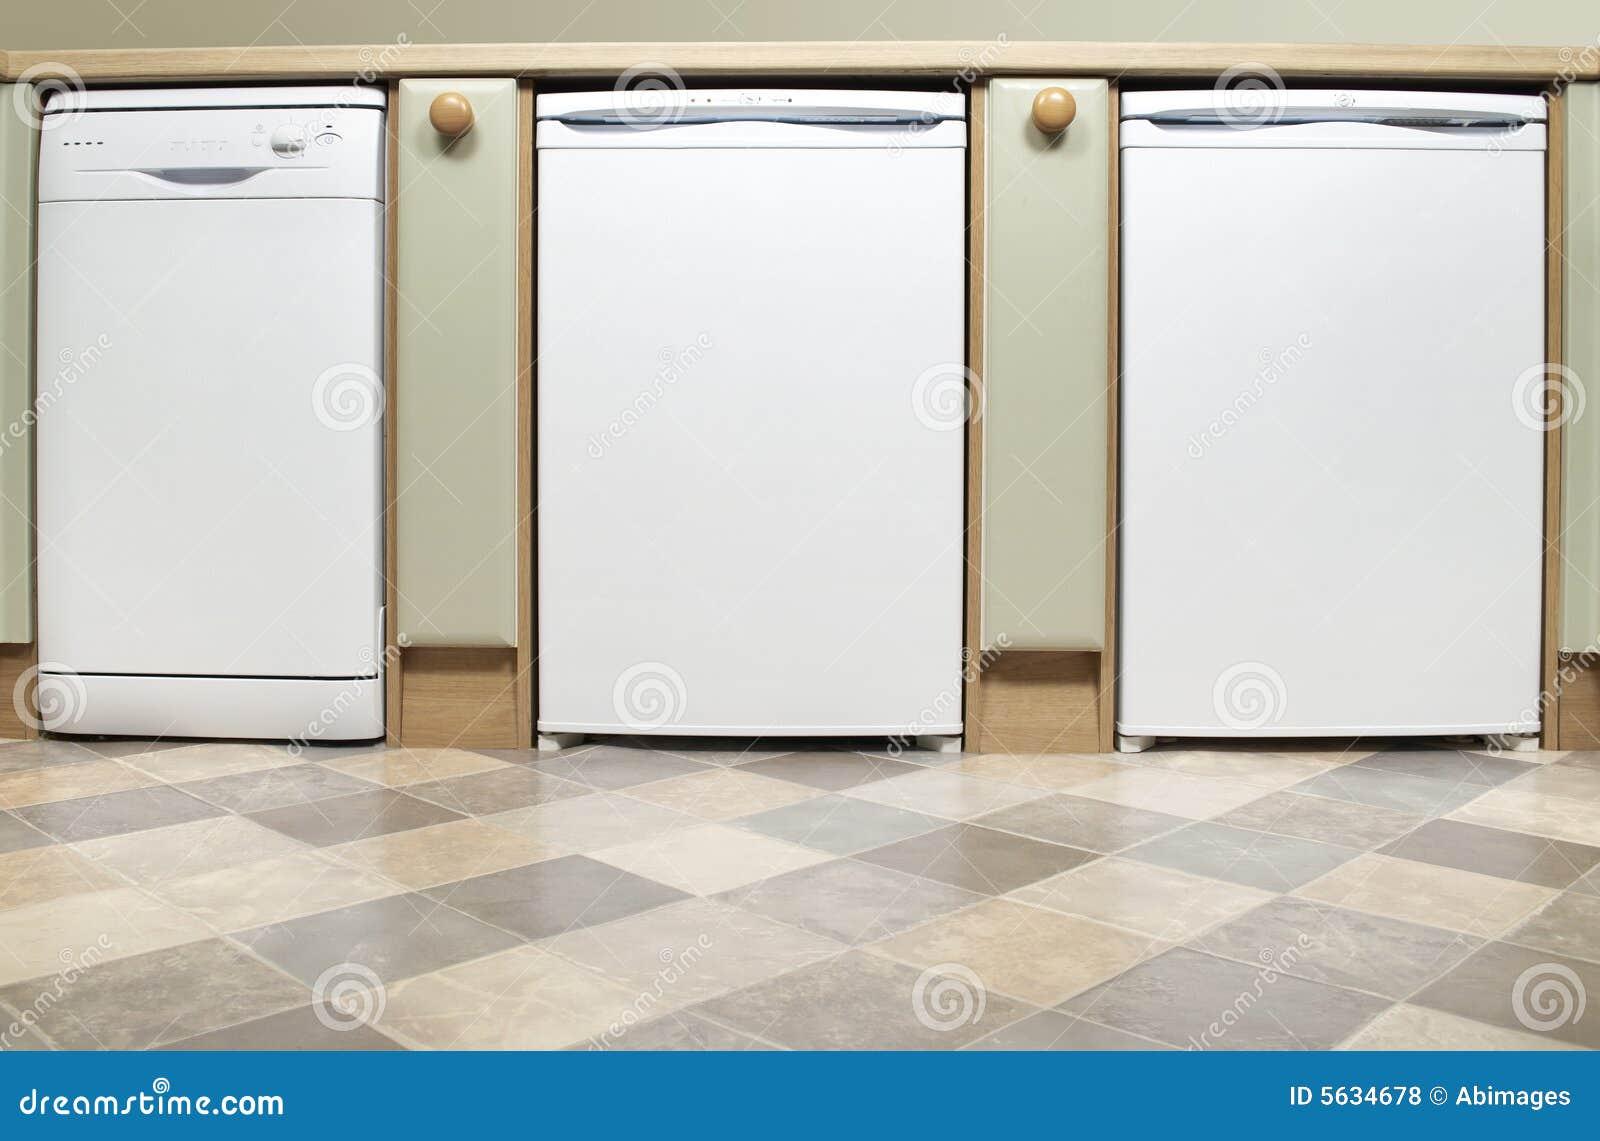 Kitchen Appliances Royalty Free Stock Photos Image 5634678